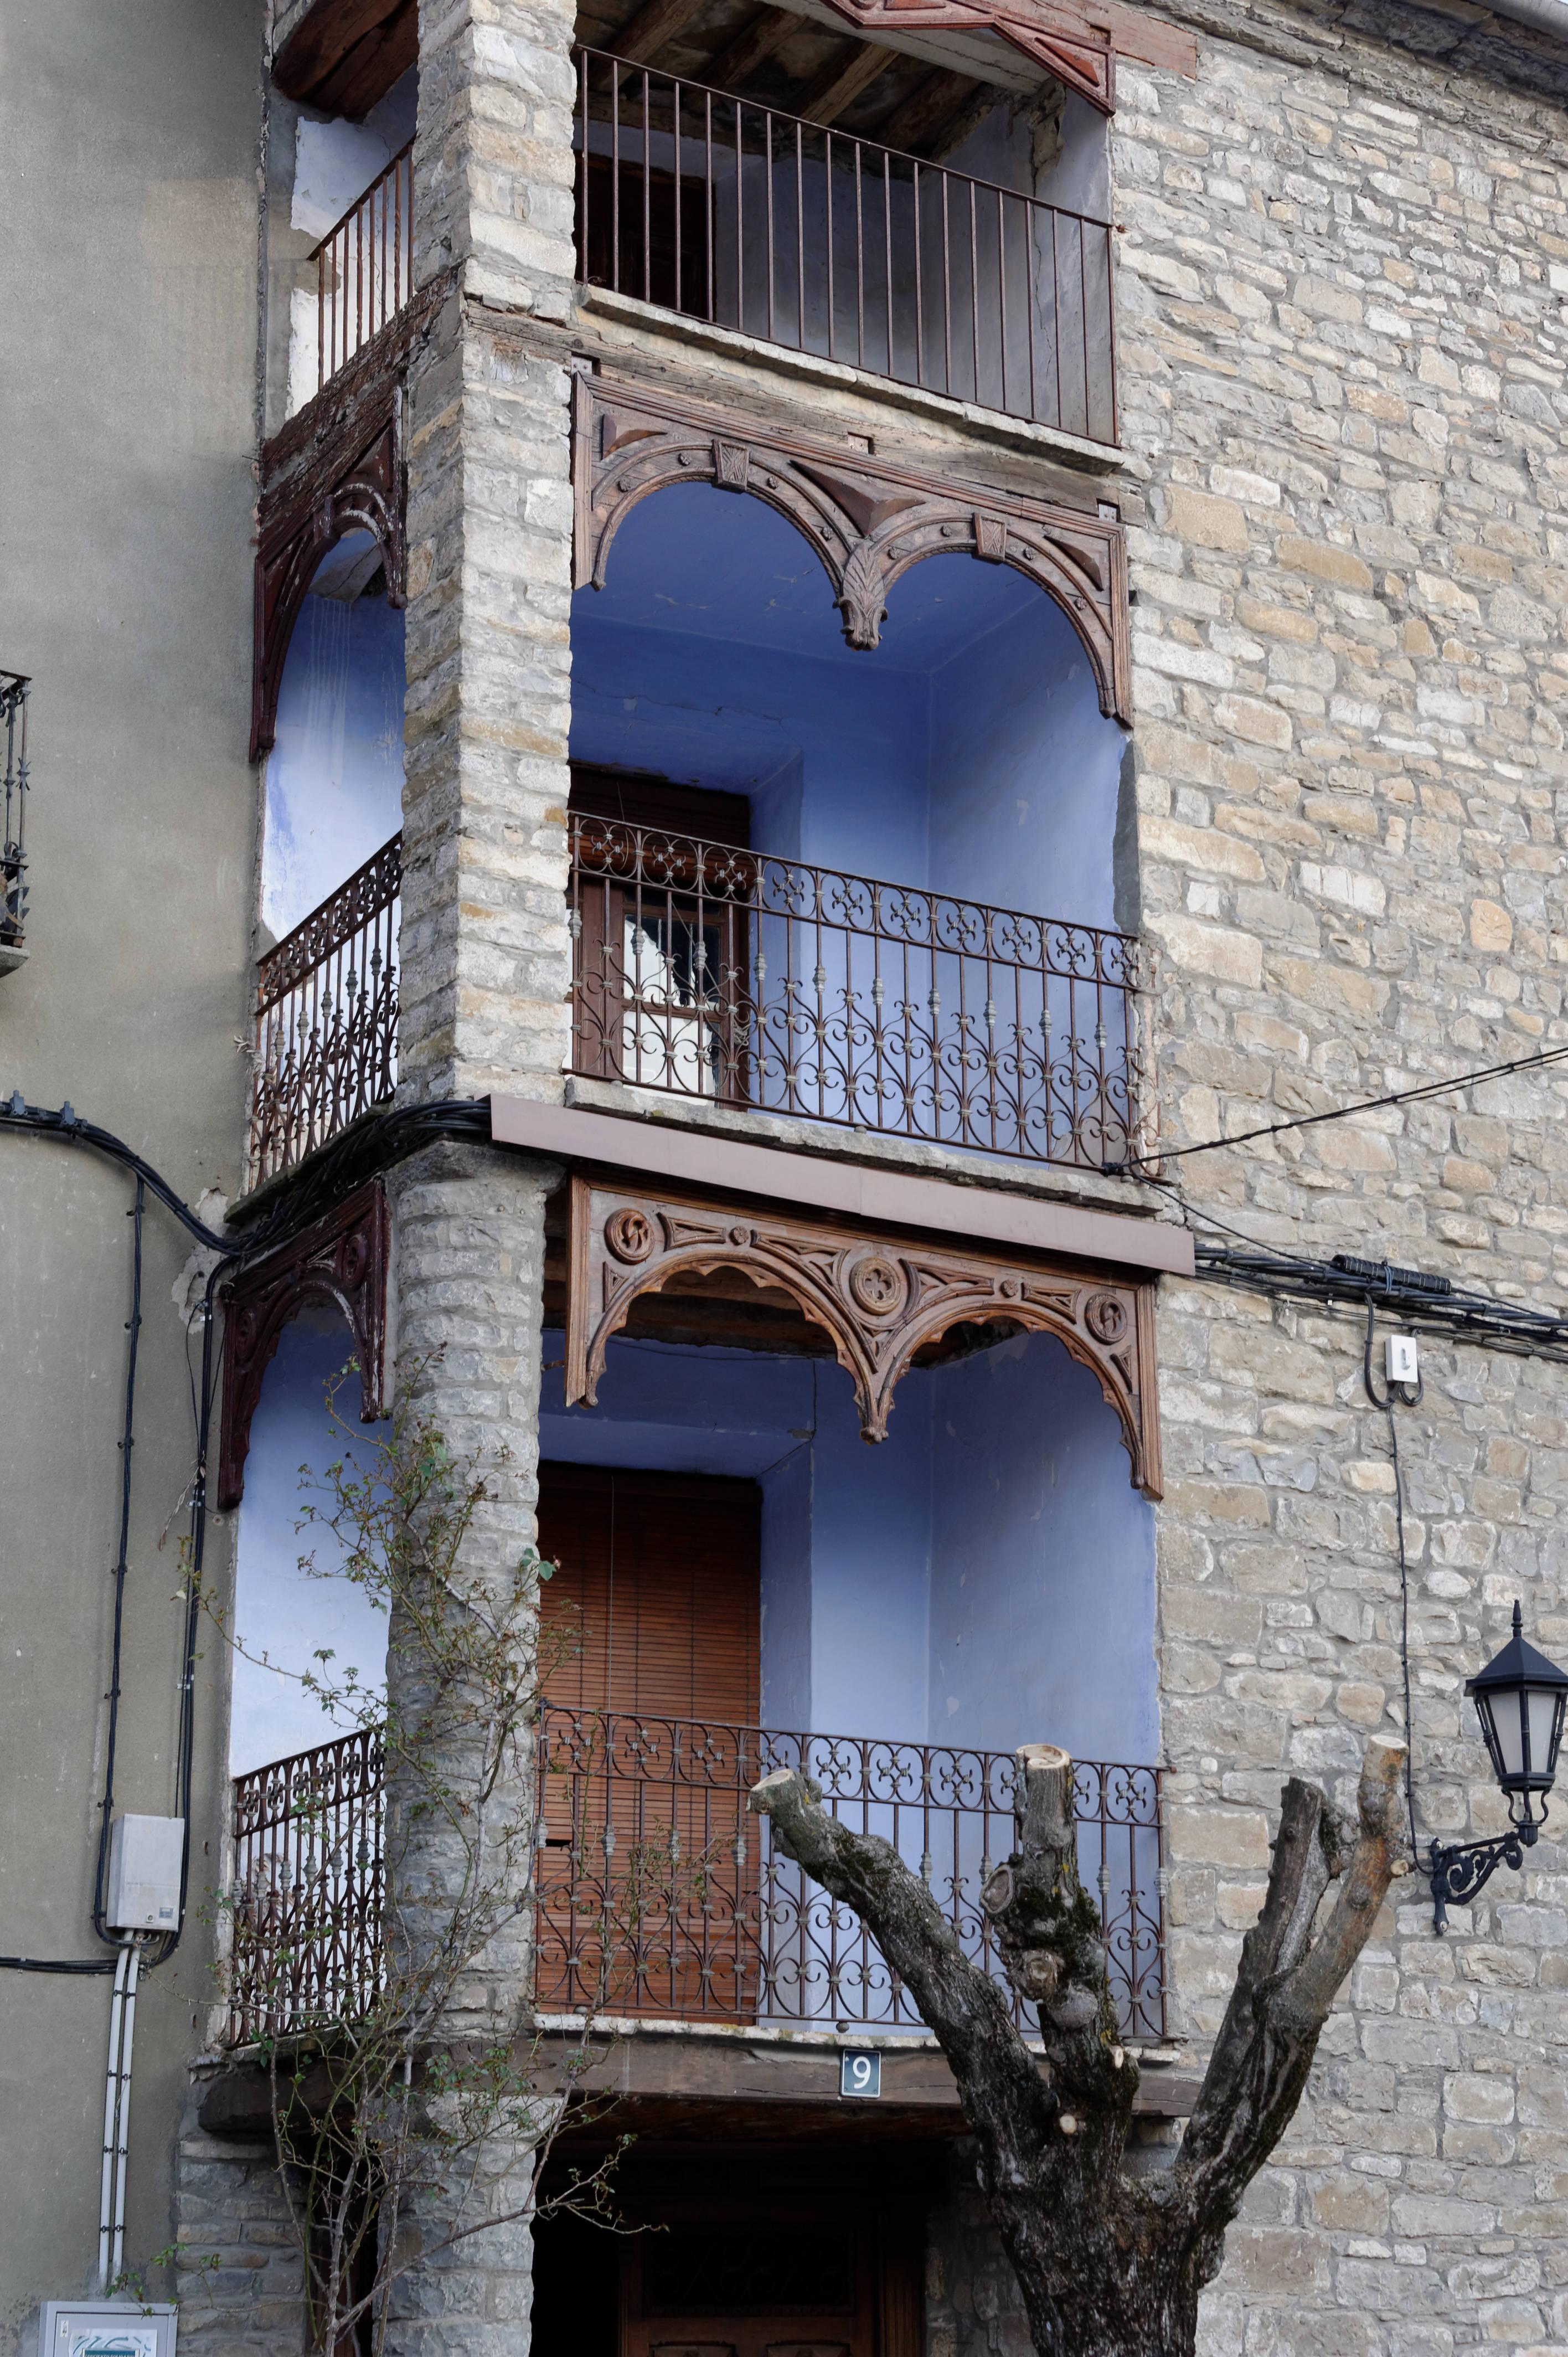 5149_Labuerda (Sobrarbe Aragon)